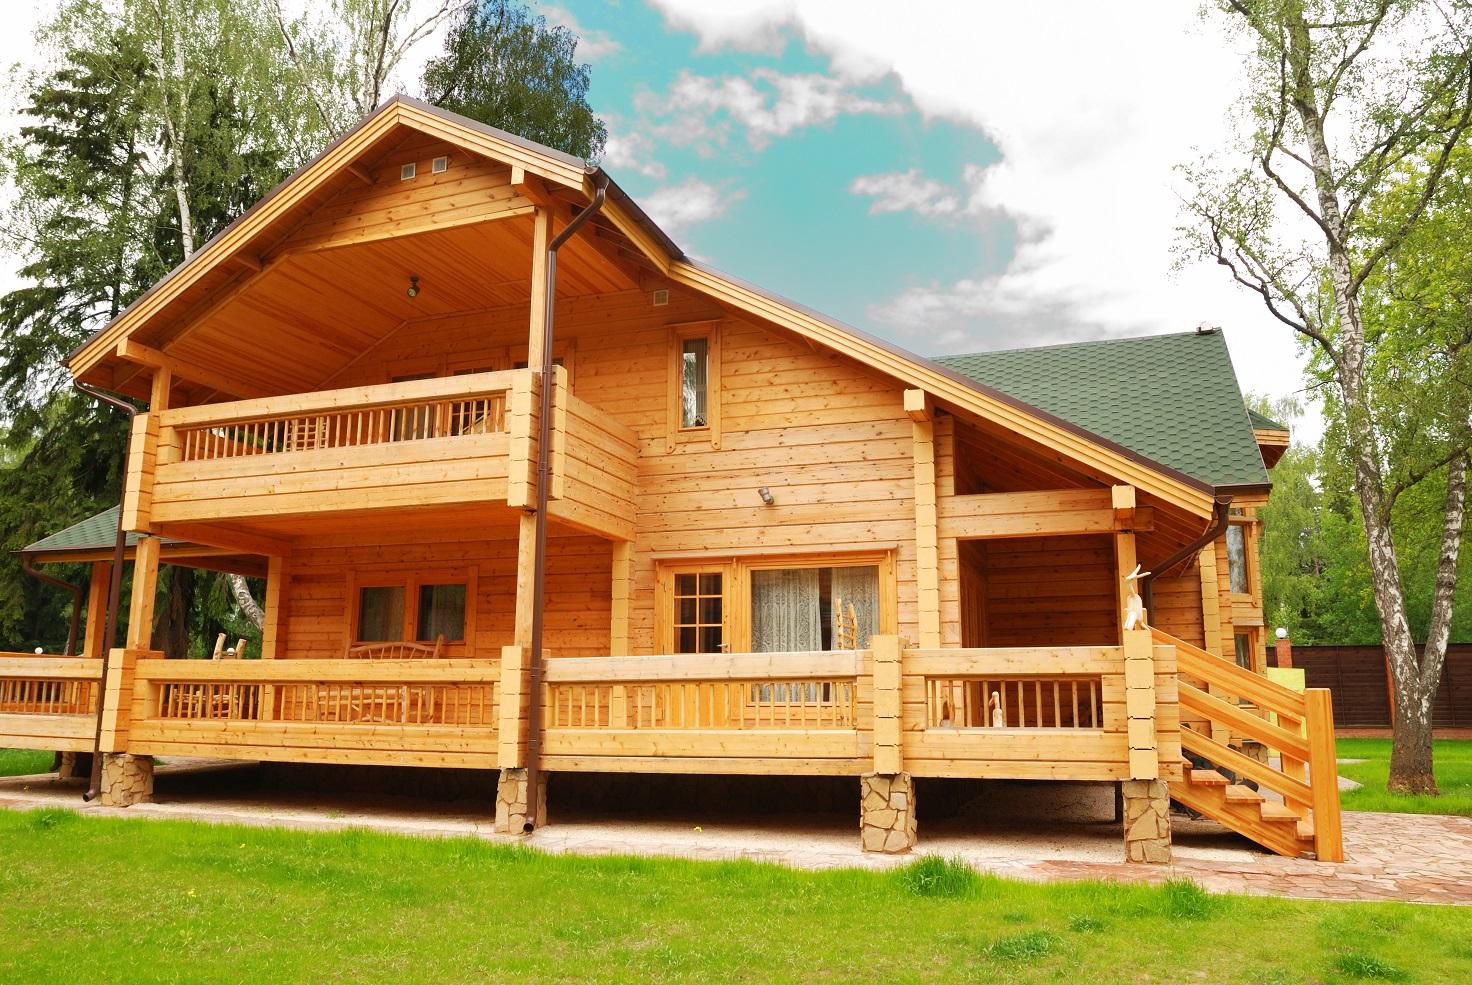 Ver fotos de casas bonitas escoja y vote por sus fotos de - Fotos de casas de madera por dentro ...